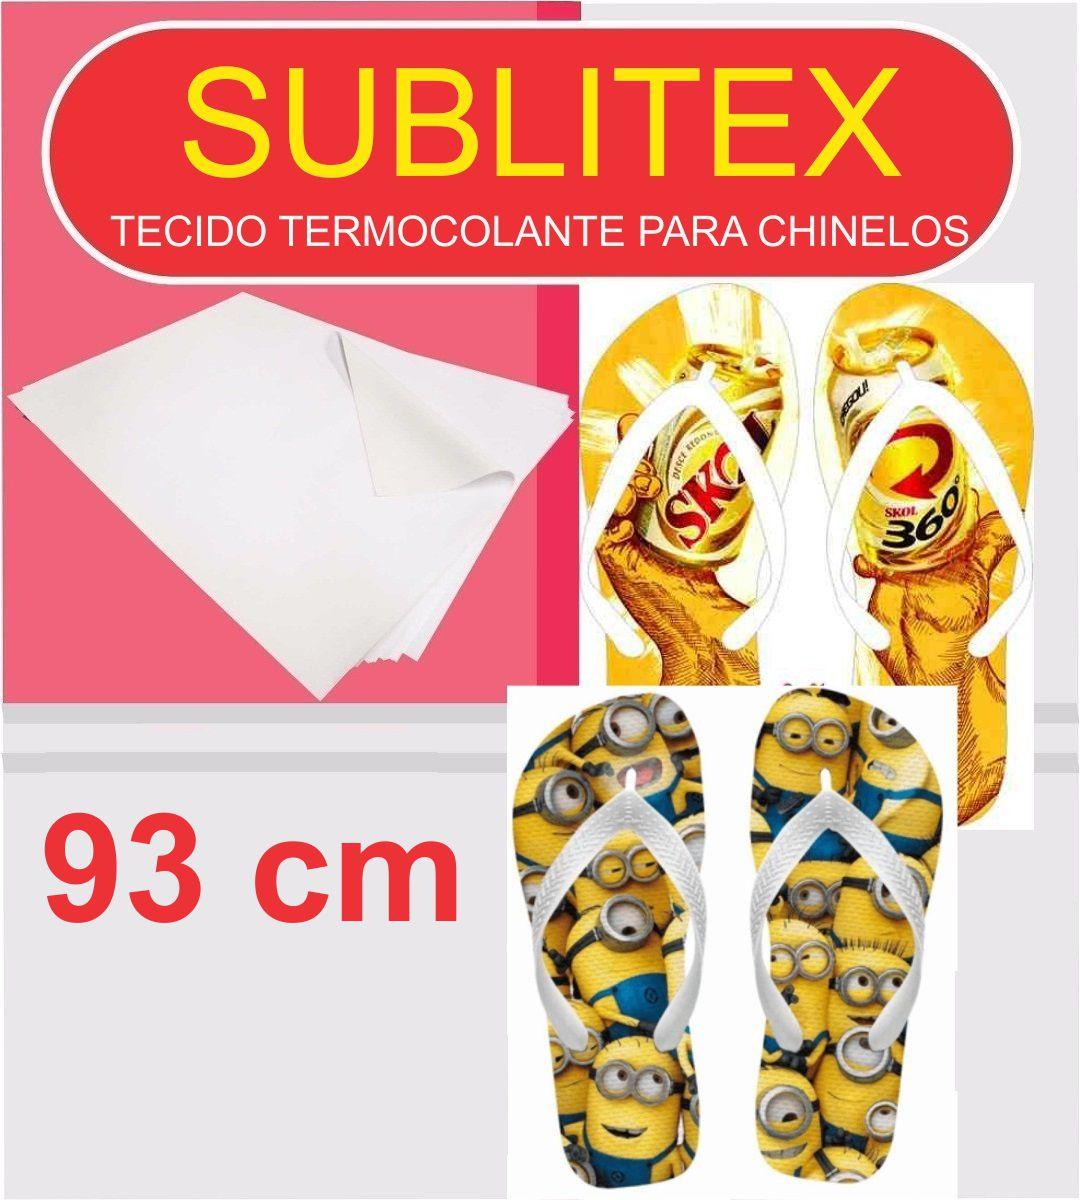 Sublitex - Tecido Termocolante para Sublimação Chinelos - 93 cm